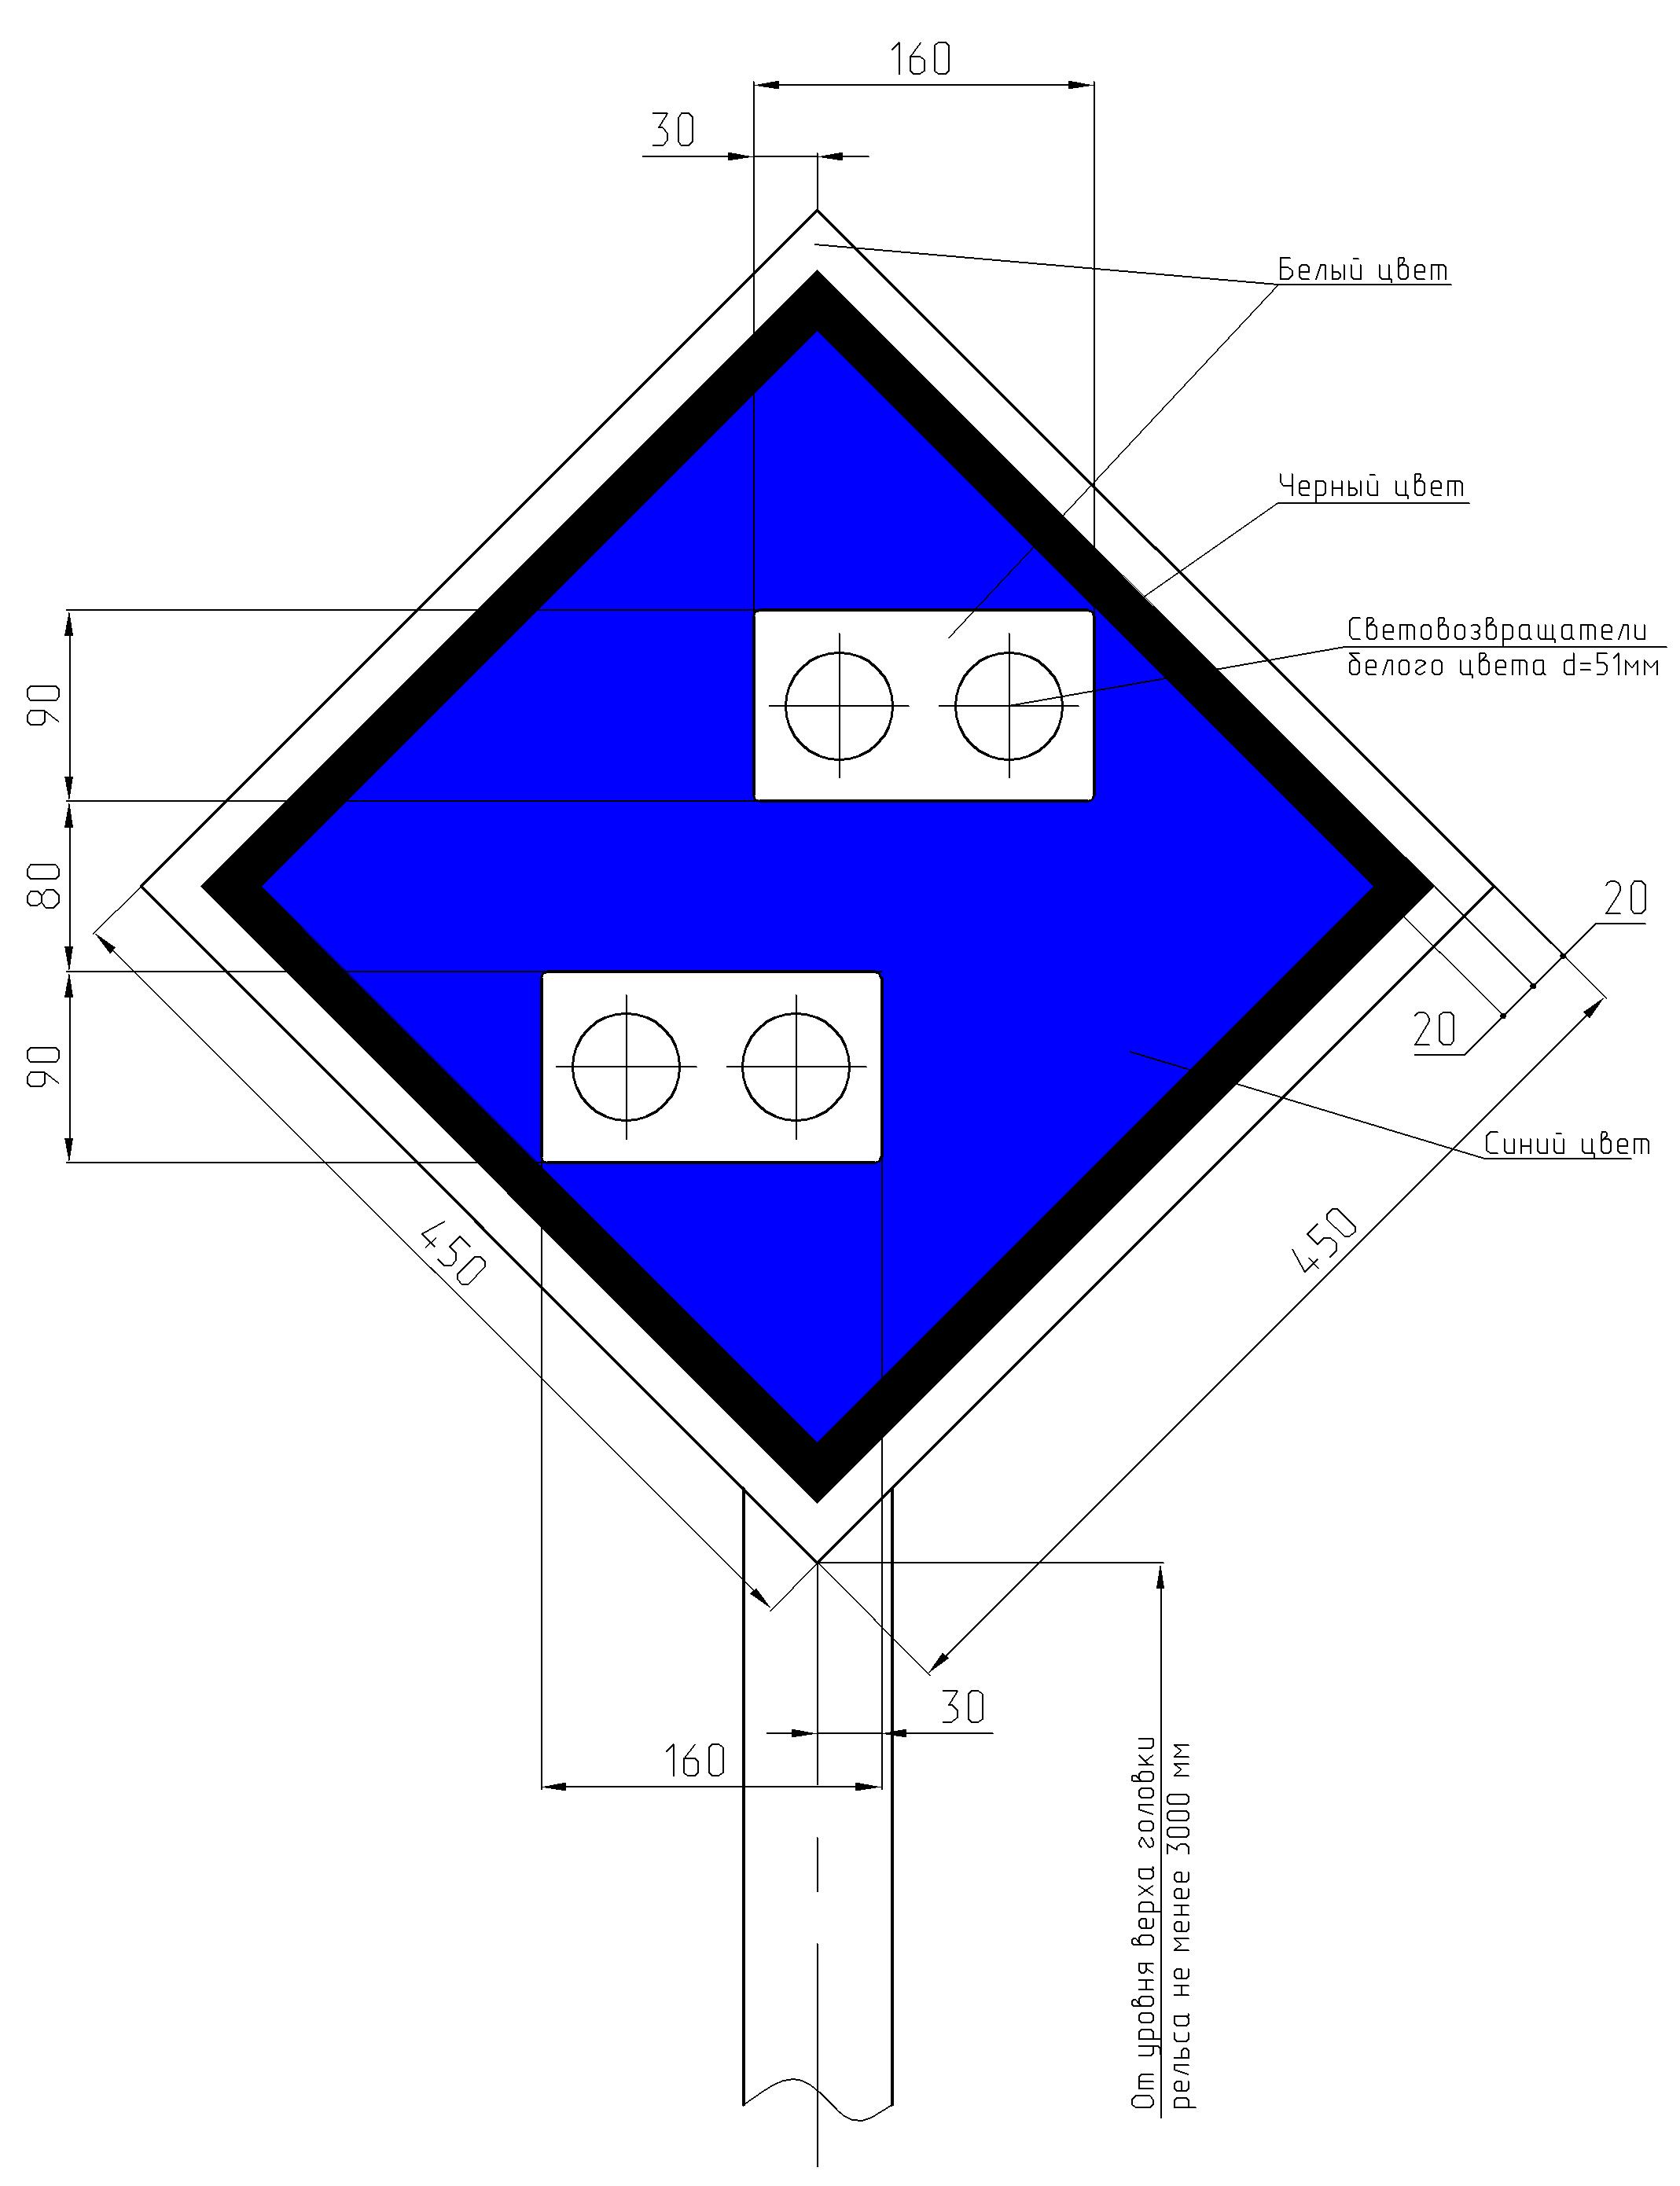 Рисунок 34. Временный сигнальный знак «Подготовиться к опусканию токоприемника»